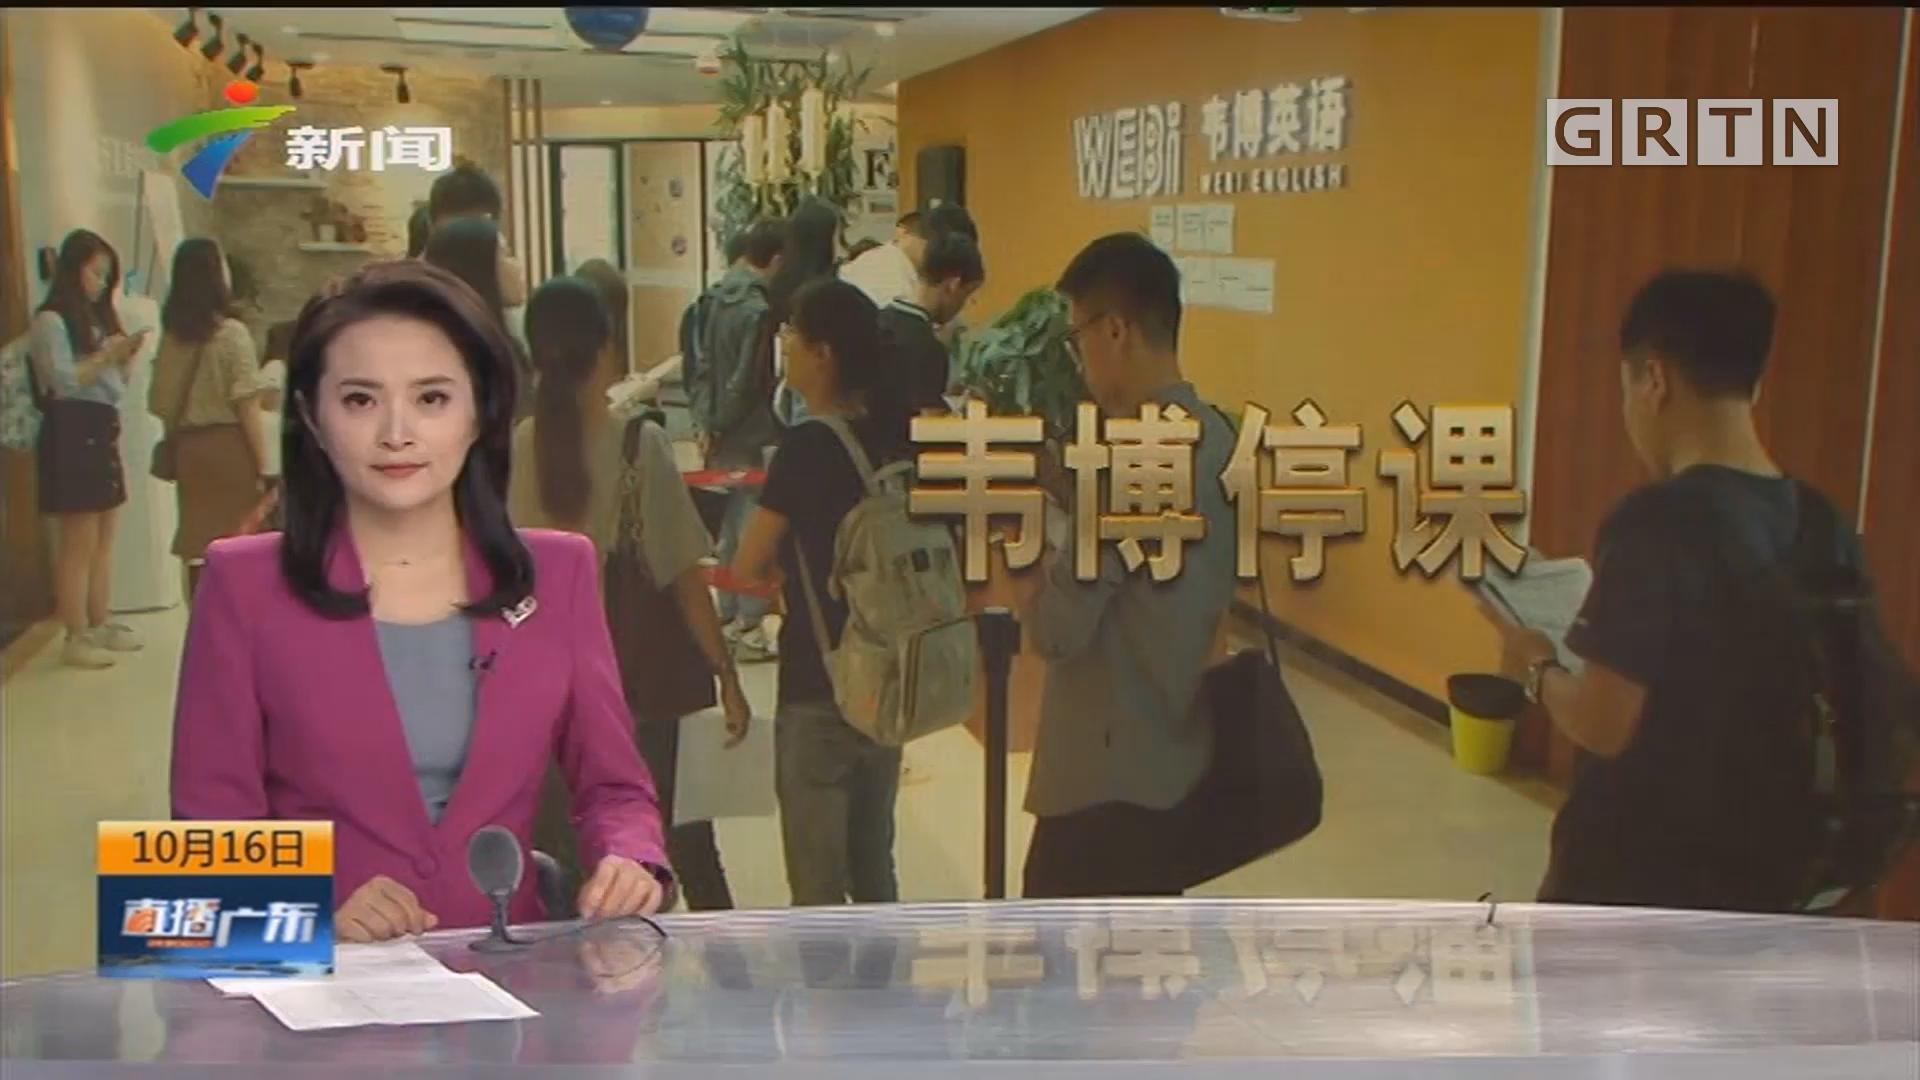 [HD][2019-10-16]直播广东:聚焦海博会:新款海洋药物有望治疗老年痴呆